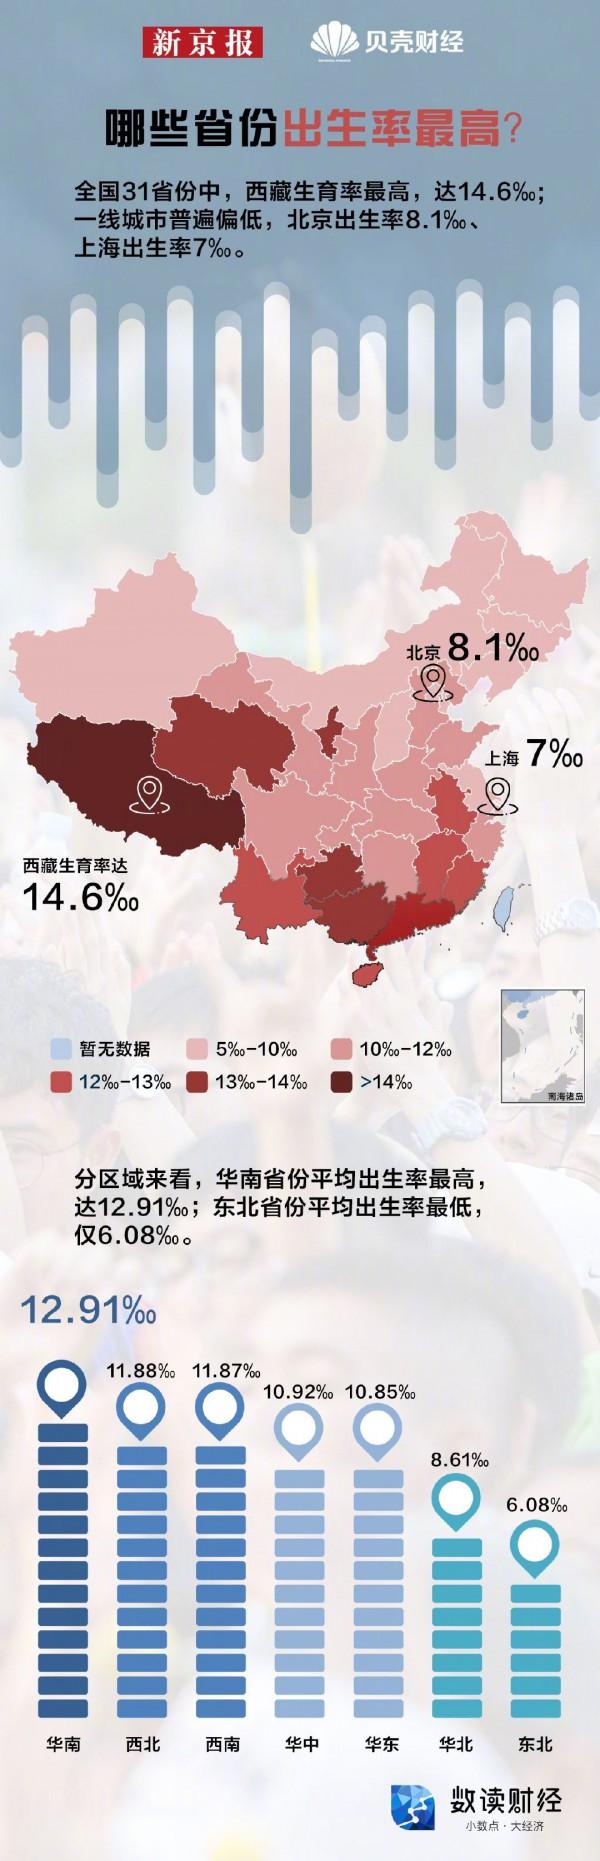 三孩政策背后生育地圖  哪些省份的人最愿意生孩子